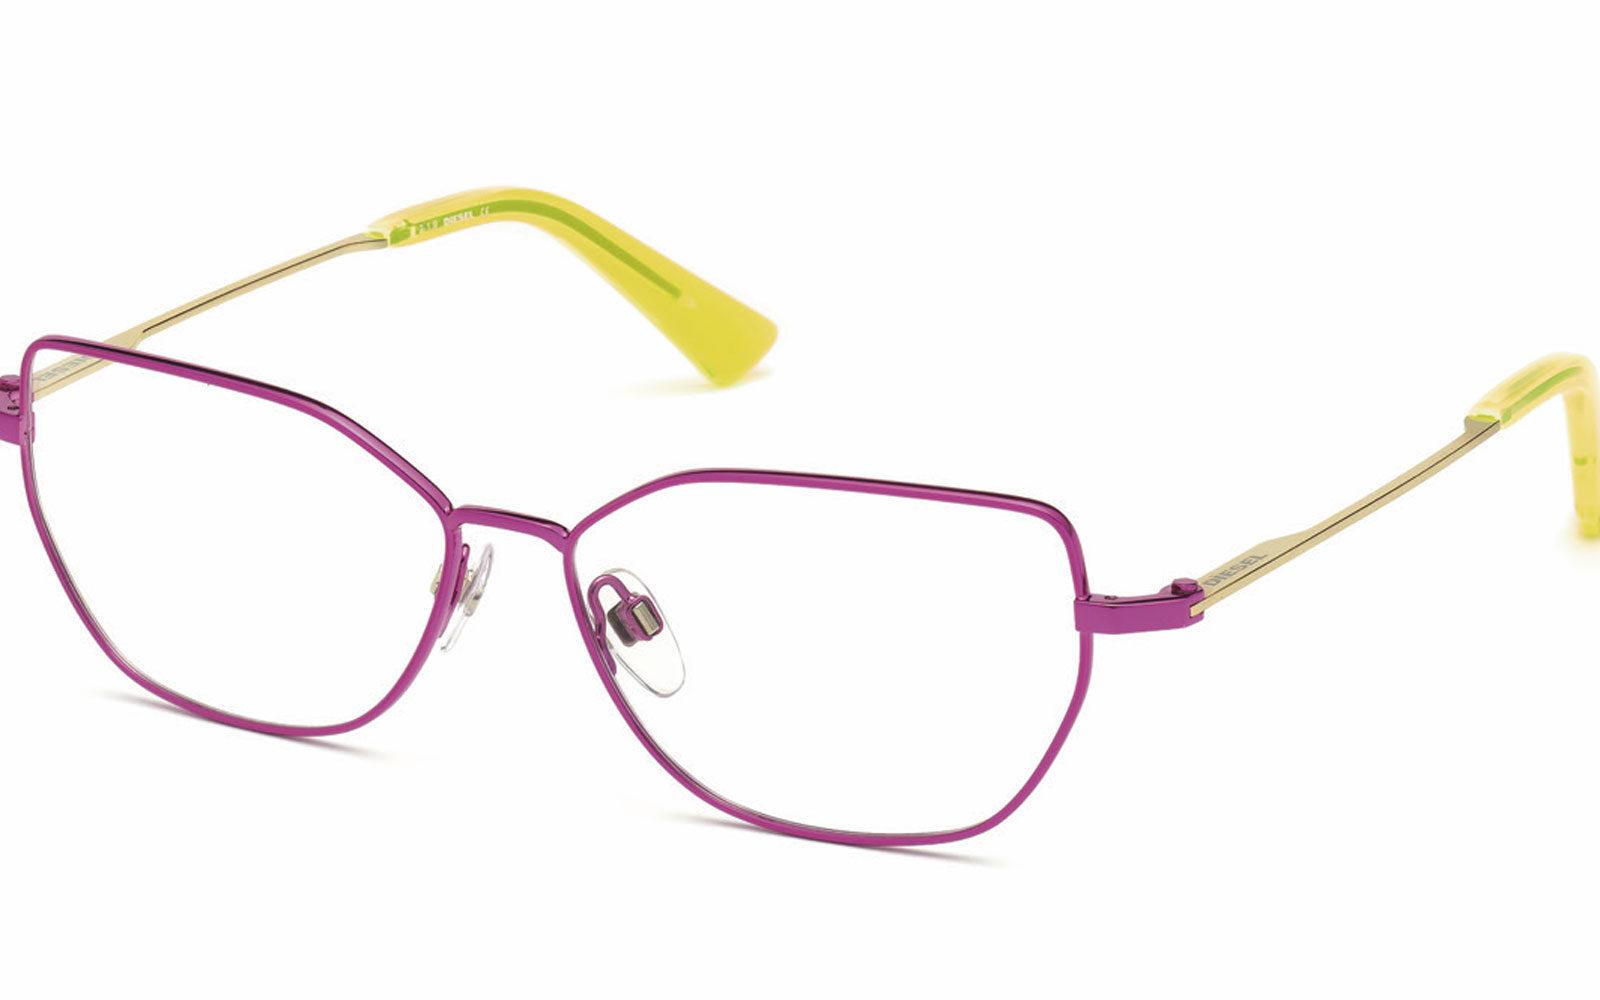 Diesel Eyewear 130 euro